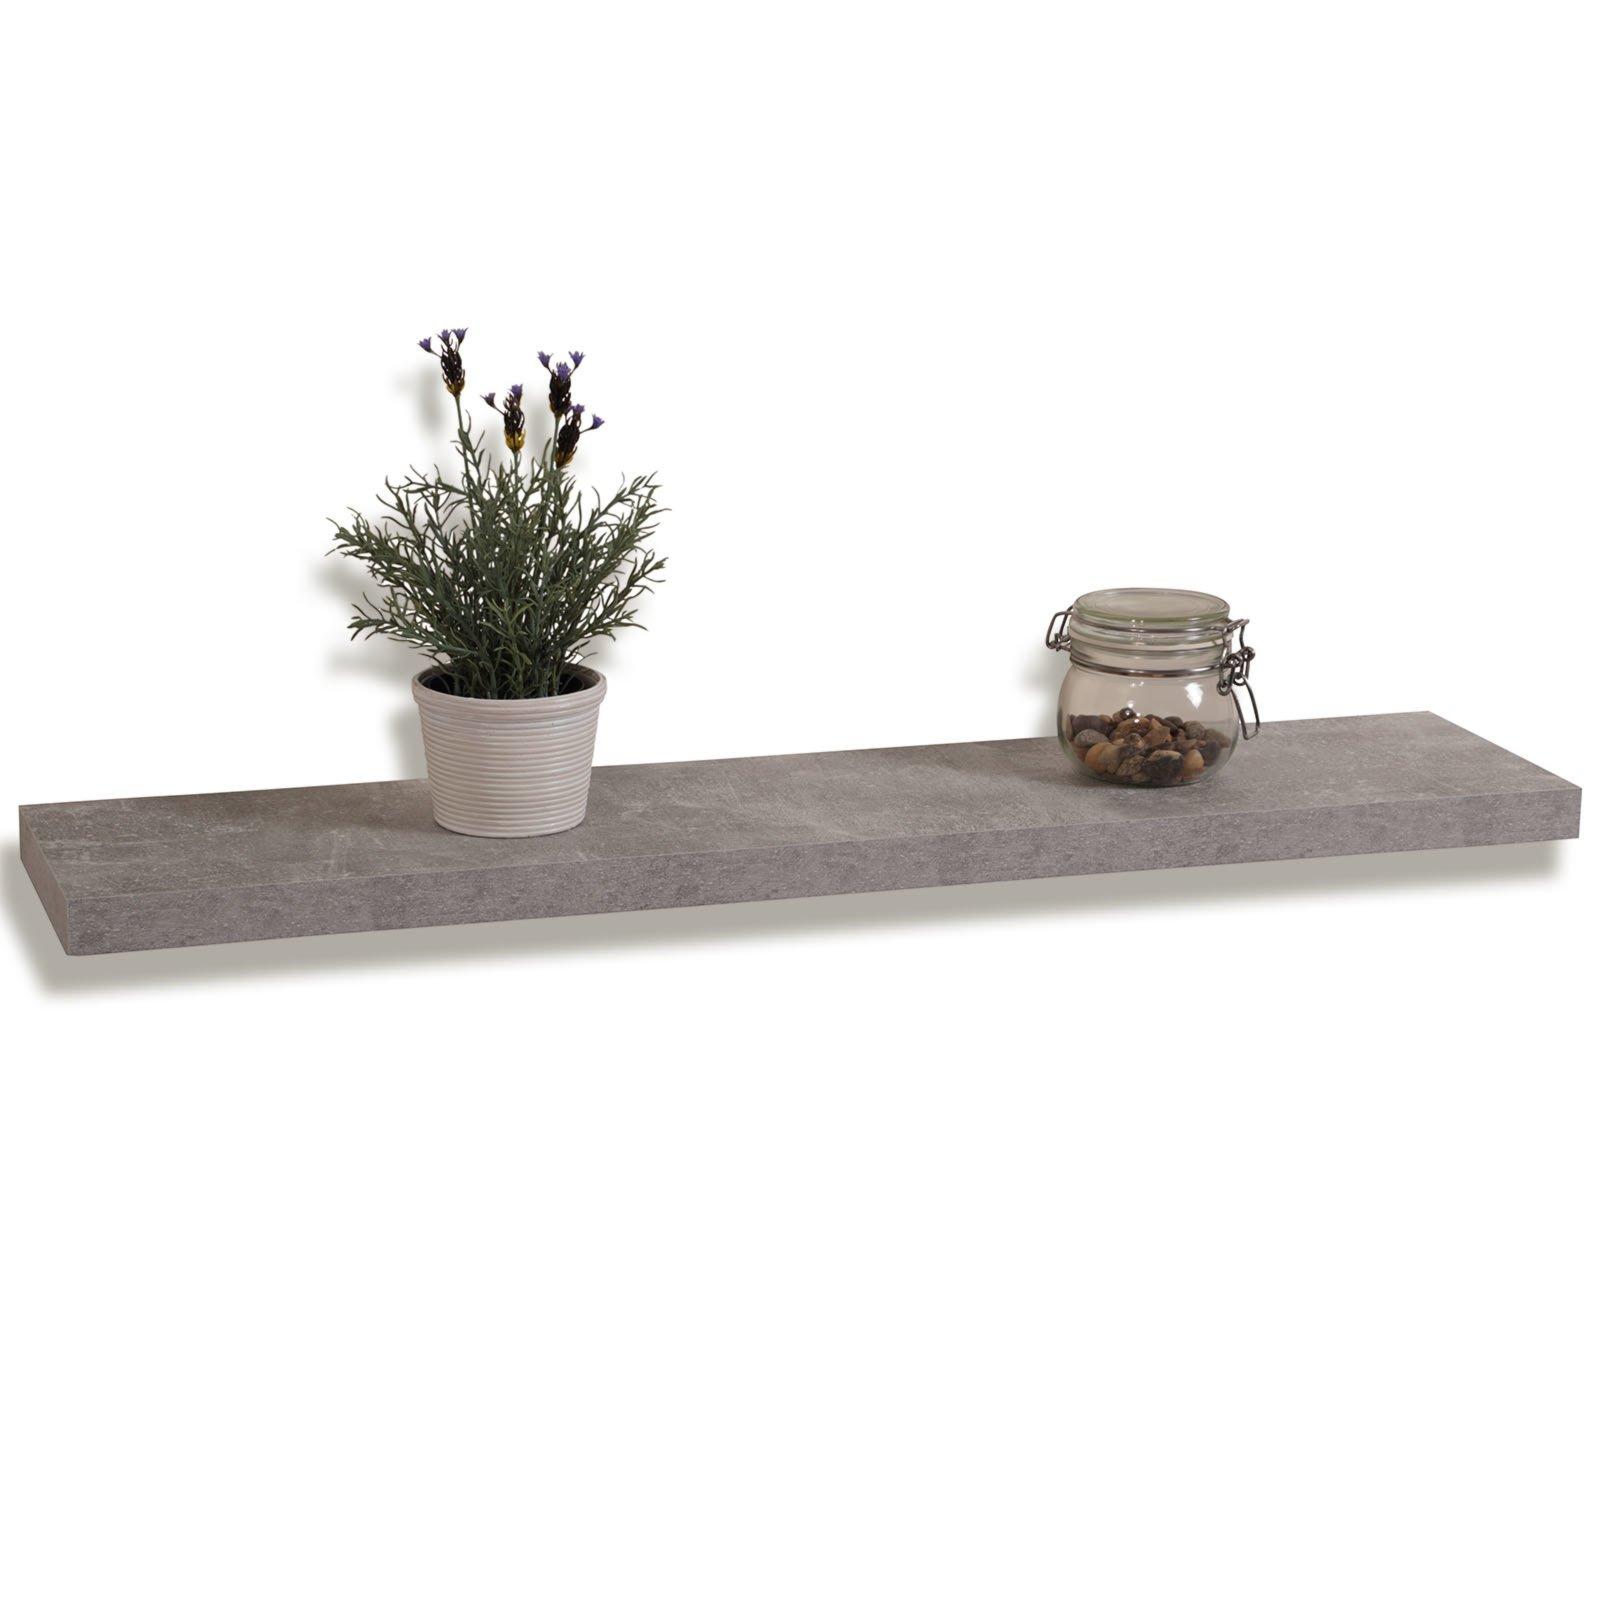 wandregal board i betonoptik 90 cm wandregale boards regale m bel roller m belhaus. Black Bedroom Furniture Sets. Home Design Ideas